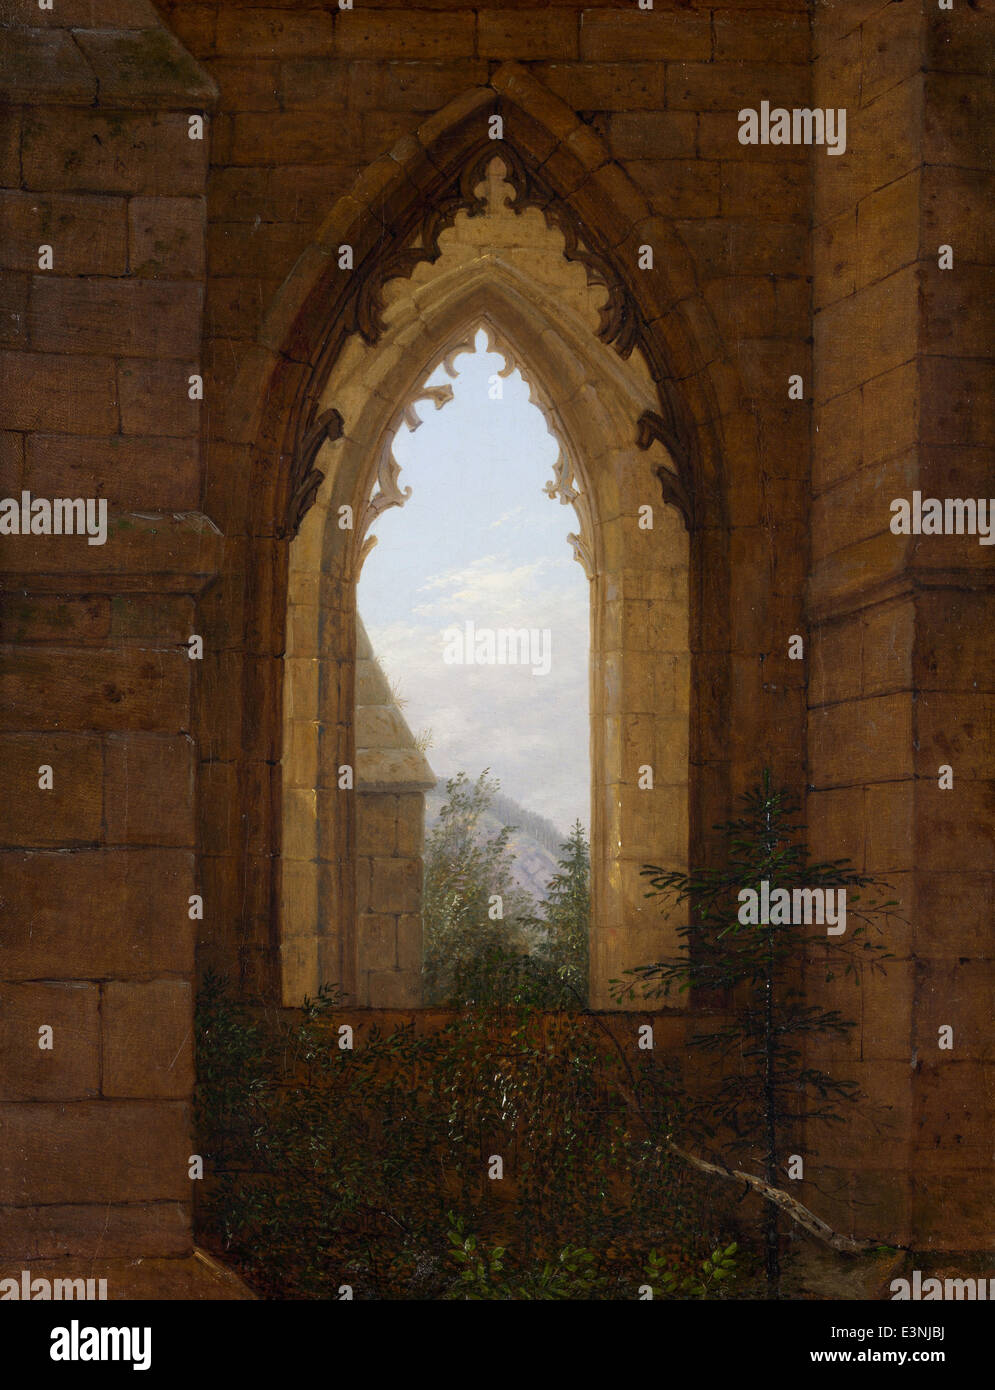 Carl Gustav Carus - finestre gotiche nelle rovine del monastero di Oybin - 1828 Immagini Stock